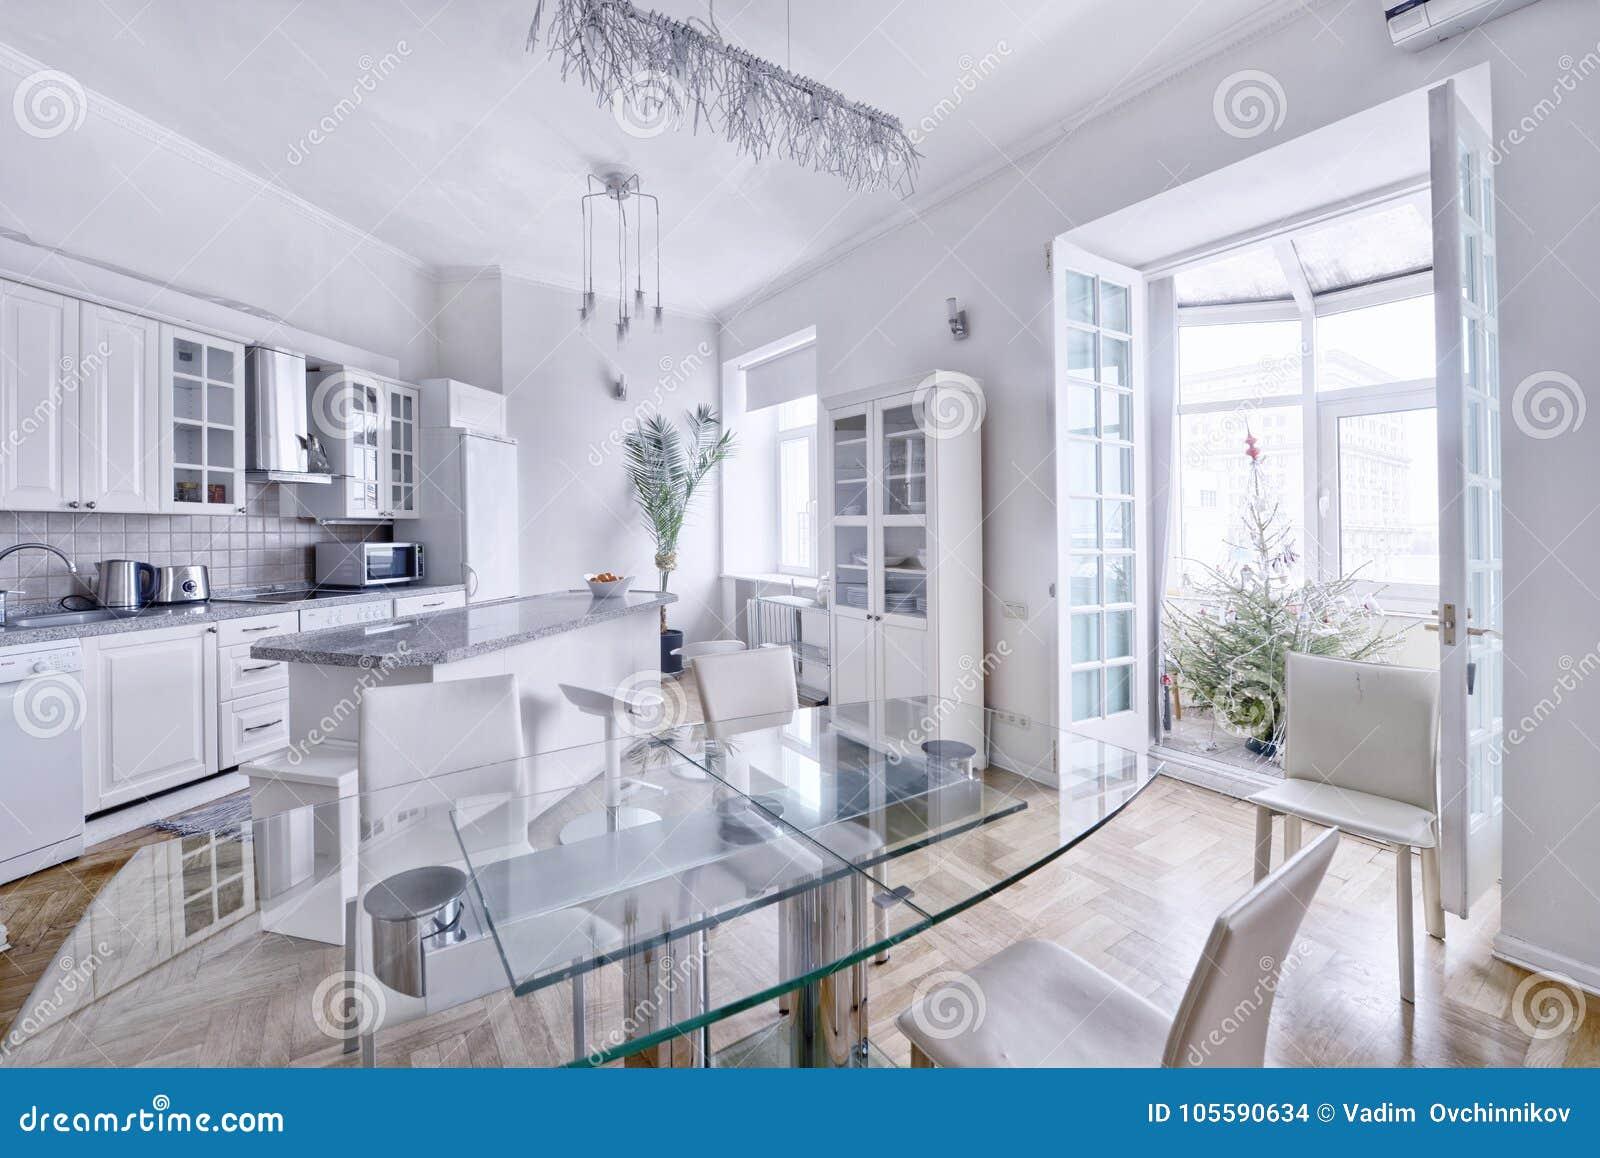 42514bbf2a4c66 Cuisine Blanche De Conception Moderne Dans Un Appartement Spacieux ...